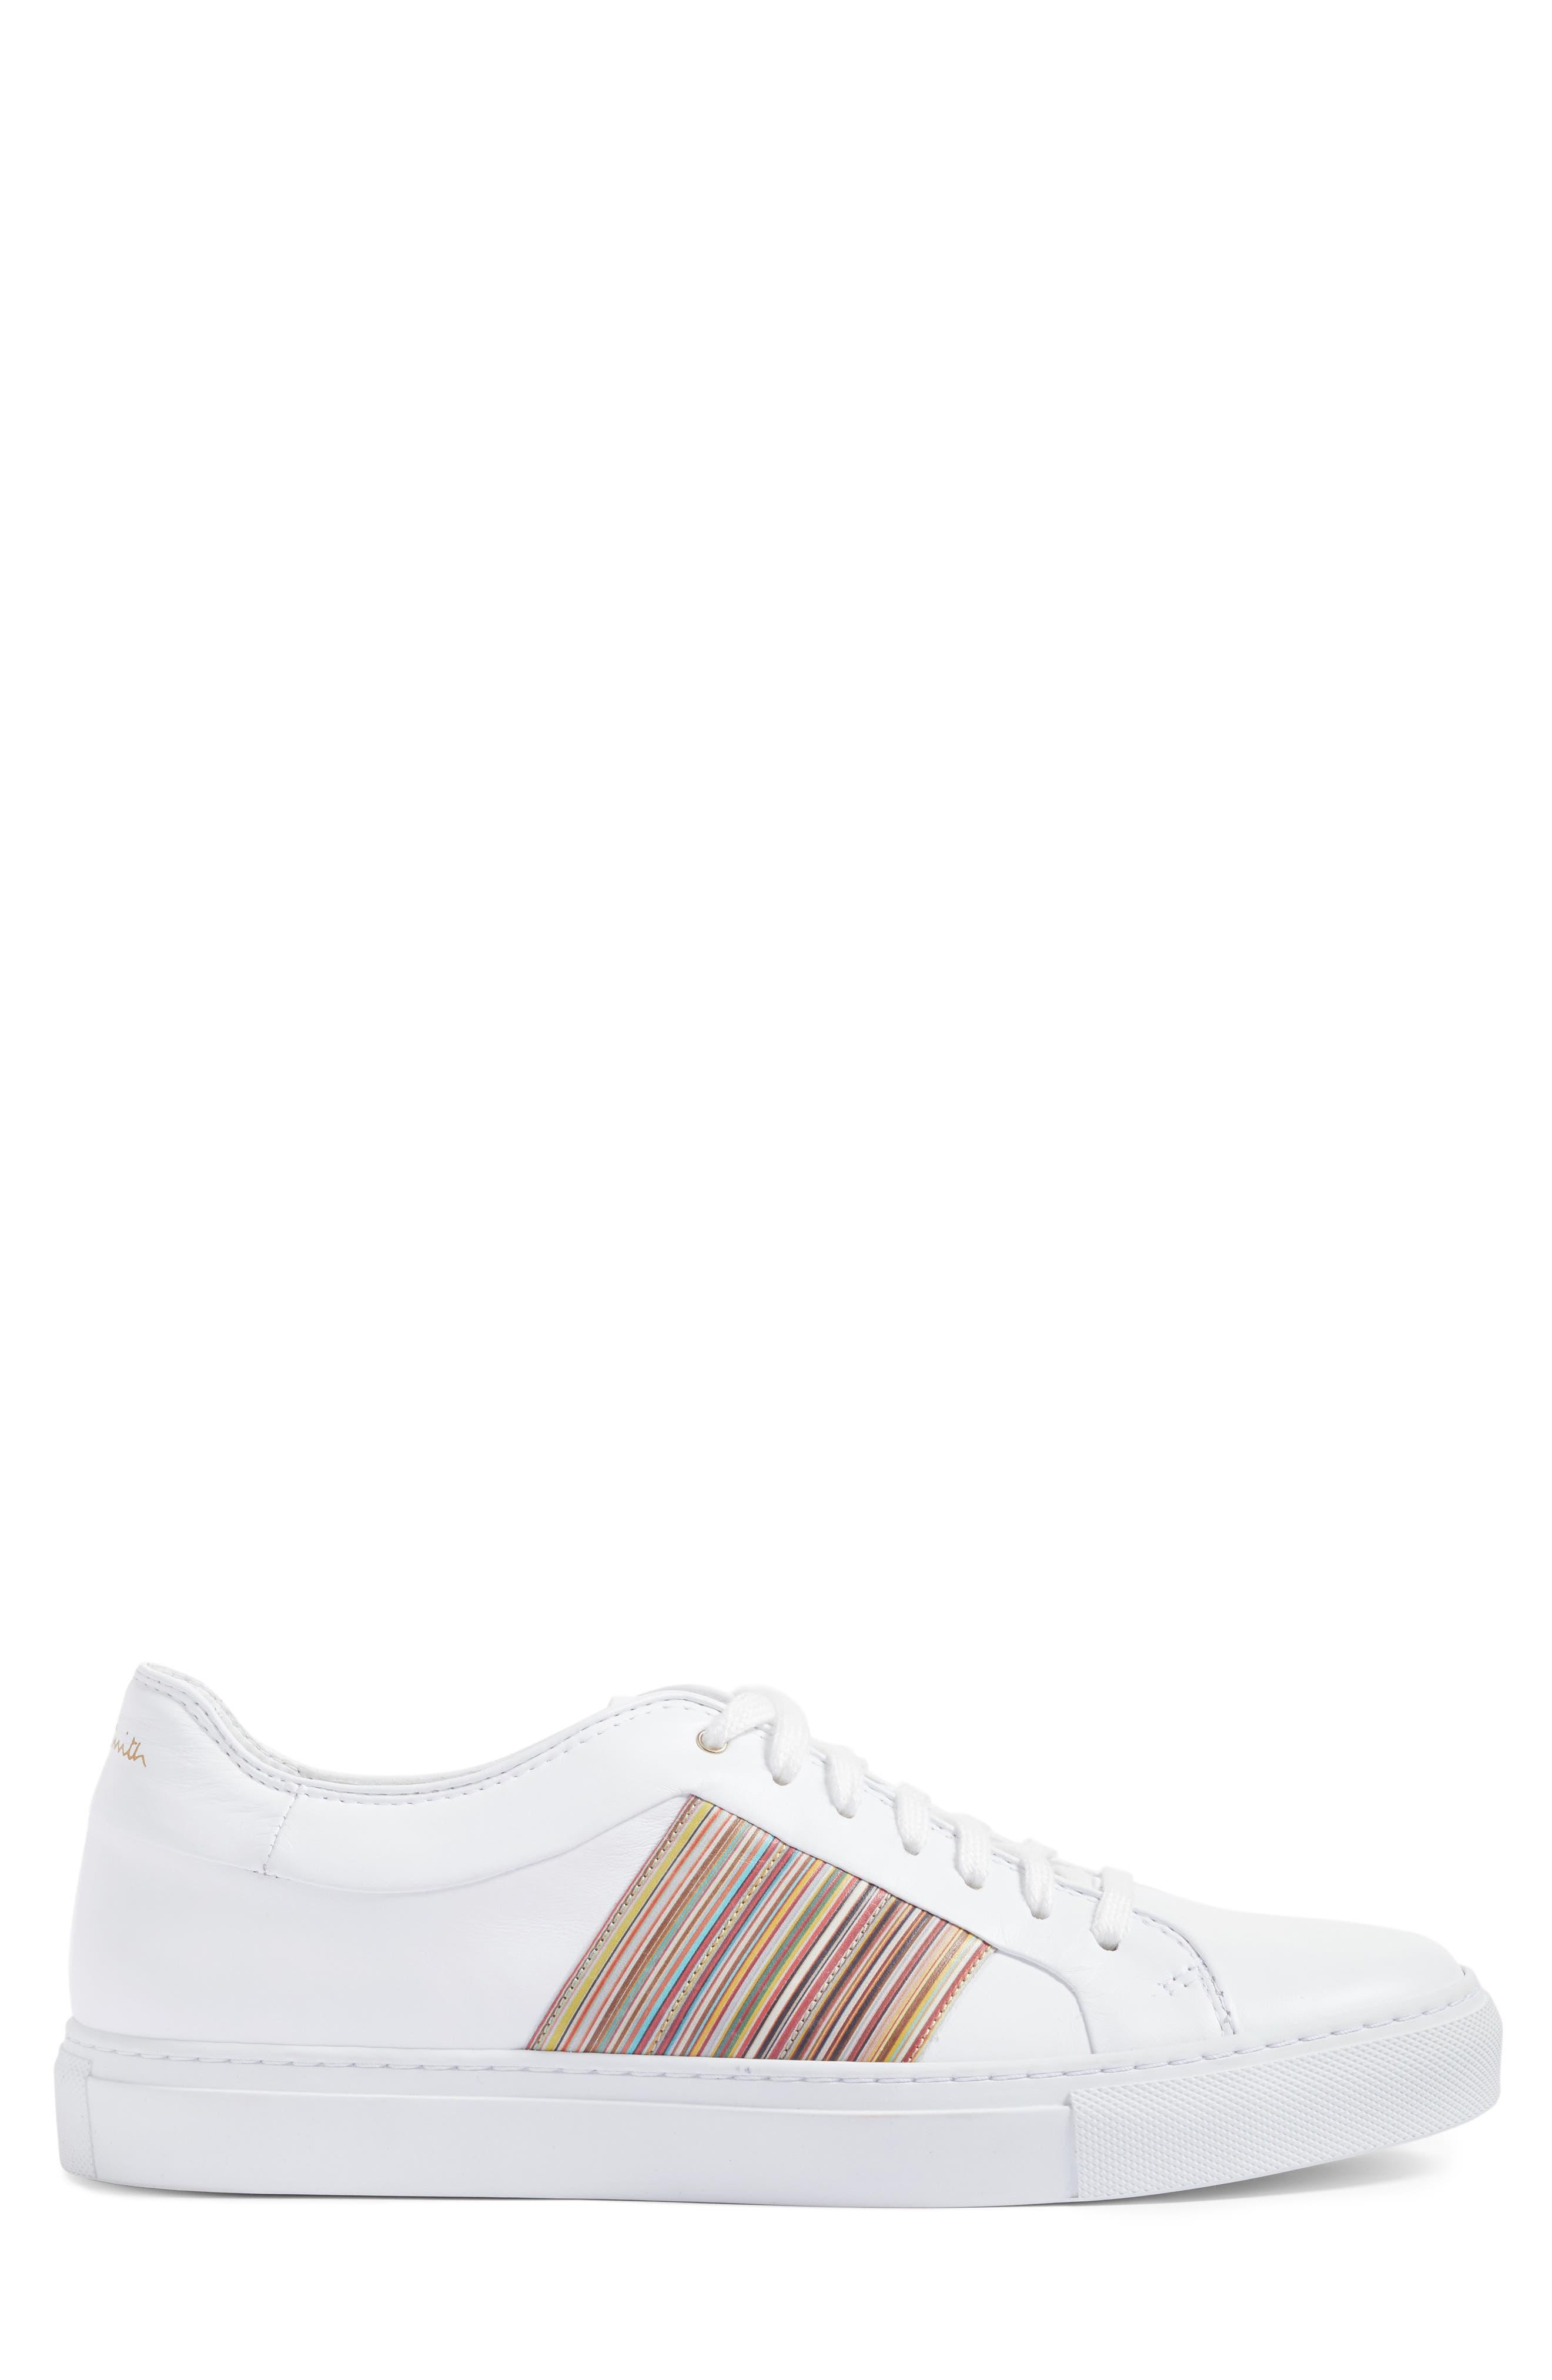 Ivo Sneaker,                             Alternate thumbnail 3, color,                             White